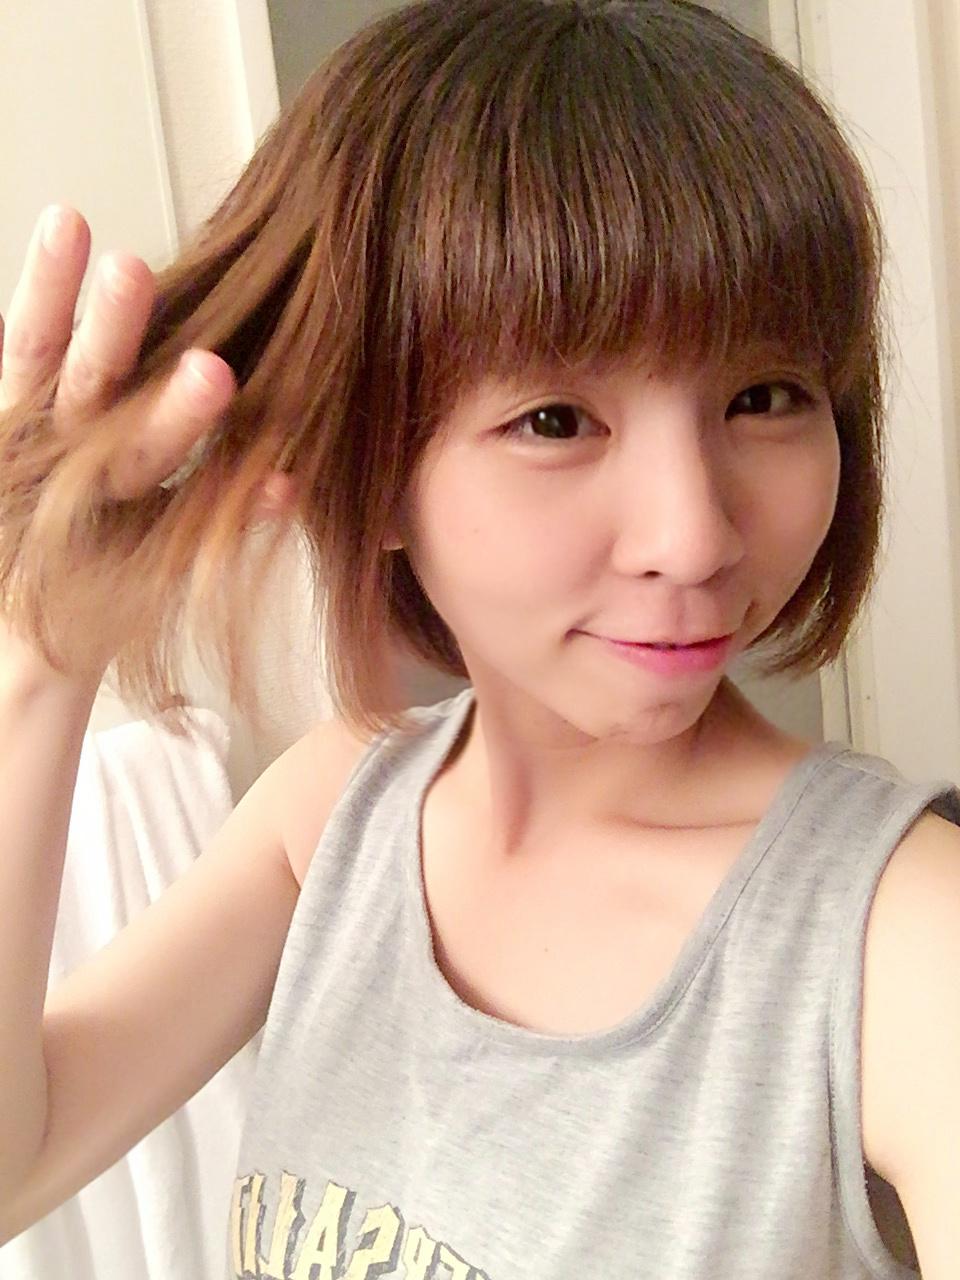 【日本藥妝筆記】日本藥妝-變身秀髮水女孩-diane洗潤髮 - 上田太太 上田生活